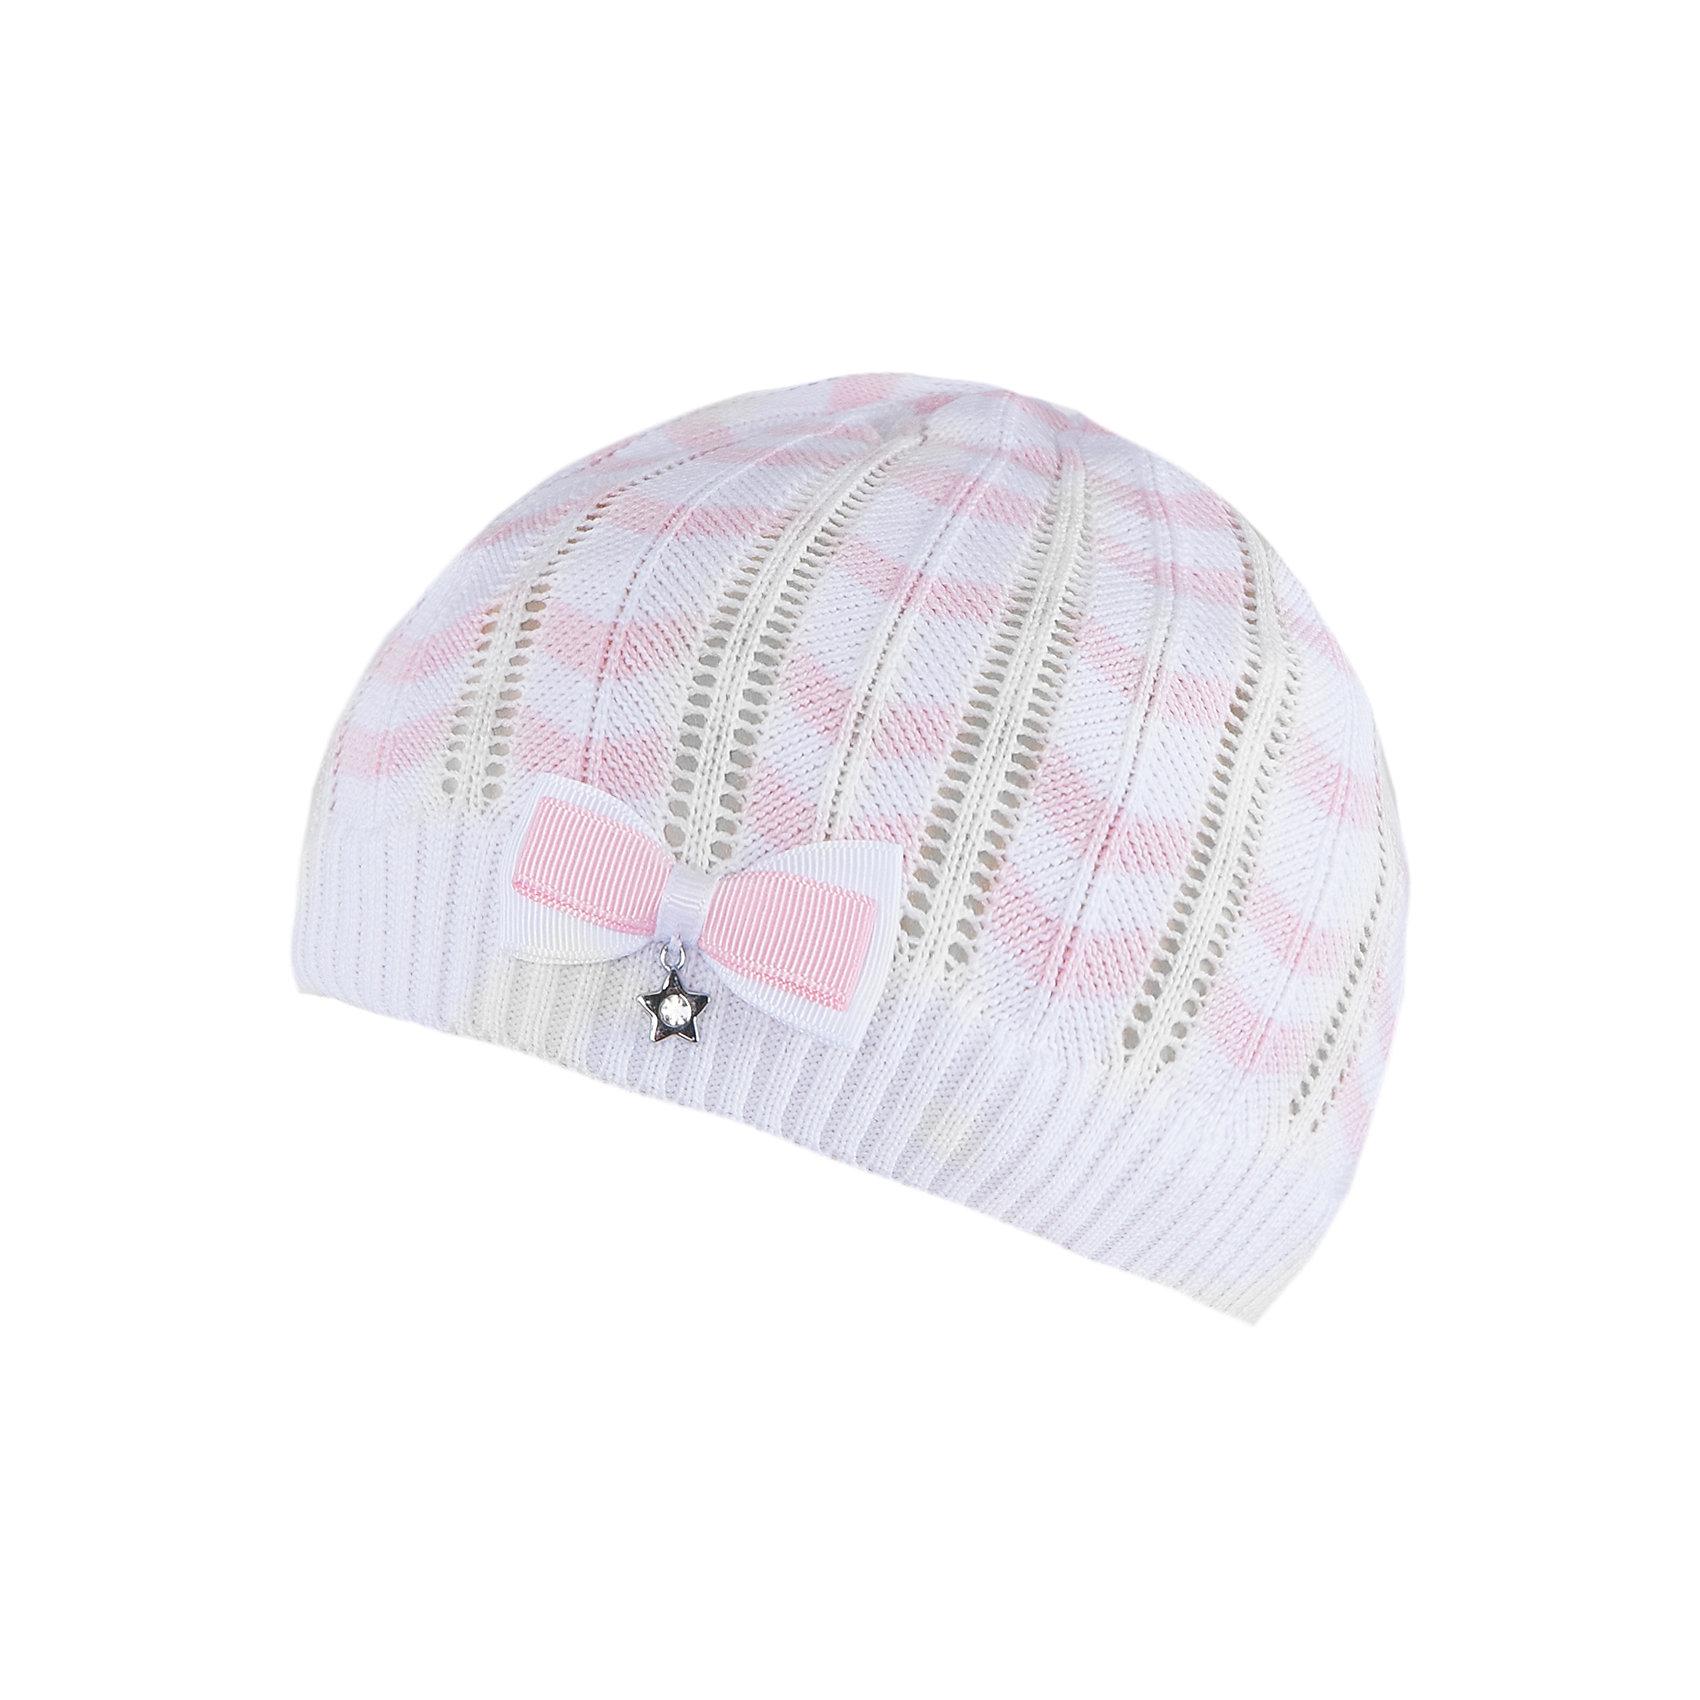 Шапка для девочки АртельШапка для девочки от торговой марки Артель <br><br>Ажурная шапка отлично смотрится на детях и комфортно сидит. Эта модель создана специально для девочек. Изделие выполнено из качественных материалов.<br>Одежда от бренда Артель – это высокое качество по приемлемой цене и всегда продуманный дизайн. <br><br>Особенности модели: <br>- цвет — белый; <br>- украшена бантом; <br>- натуральный хлопок с добавкой пана. <br><br>Дополнительная информация: <br><br>Состав: 50% хлопок, 50% пан.<br><br>Шапку для девочки Артель (Artel) можно купить в нашем магазине.<br><br>Ширина мм: 89<br>Глубина мм: 117<br>Высота мм: 44<br>Вес г: 155<br>Цвет: белый<br>Возраст от месяцев: 18<br>Возраст до месяцев: 24<br>Пол: Женский<br>Возраст: Детский<br>Размер: 48,50,54,52<br>SKU: 4500541